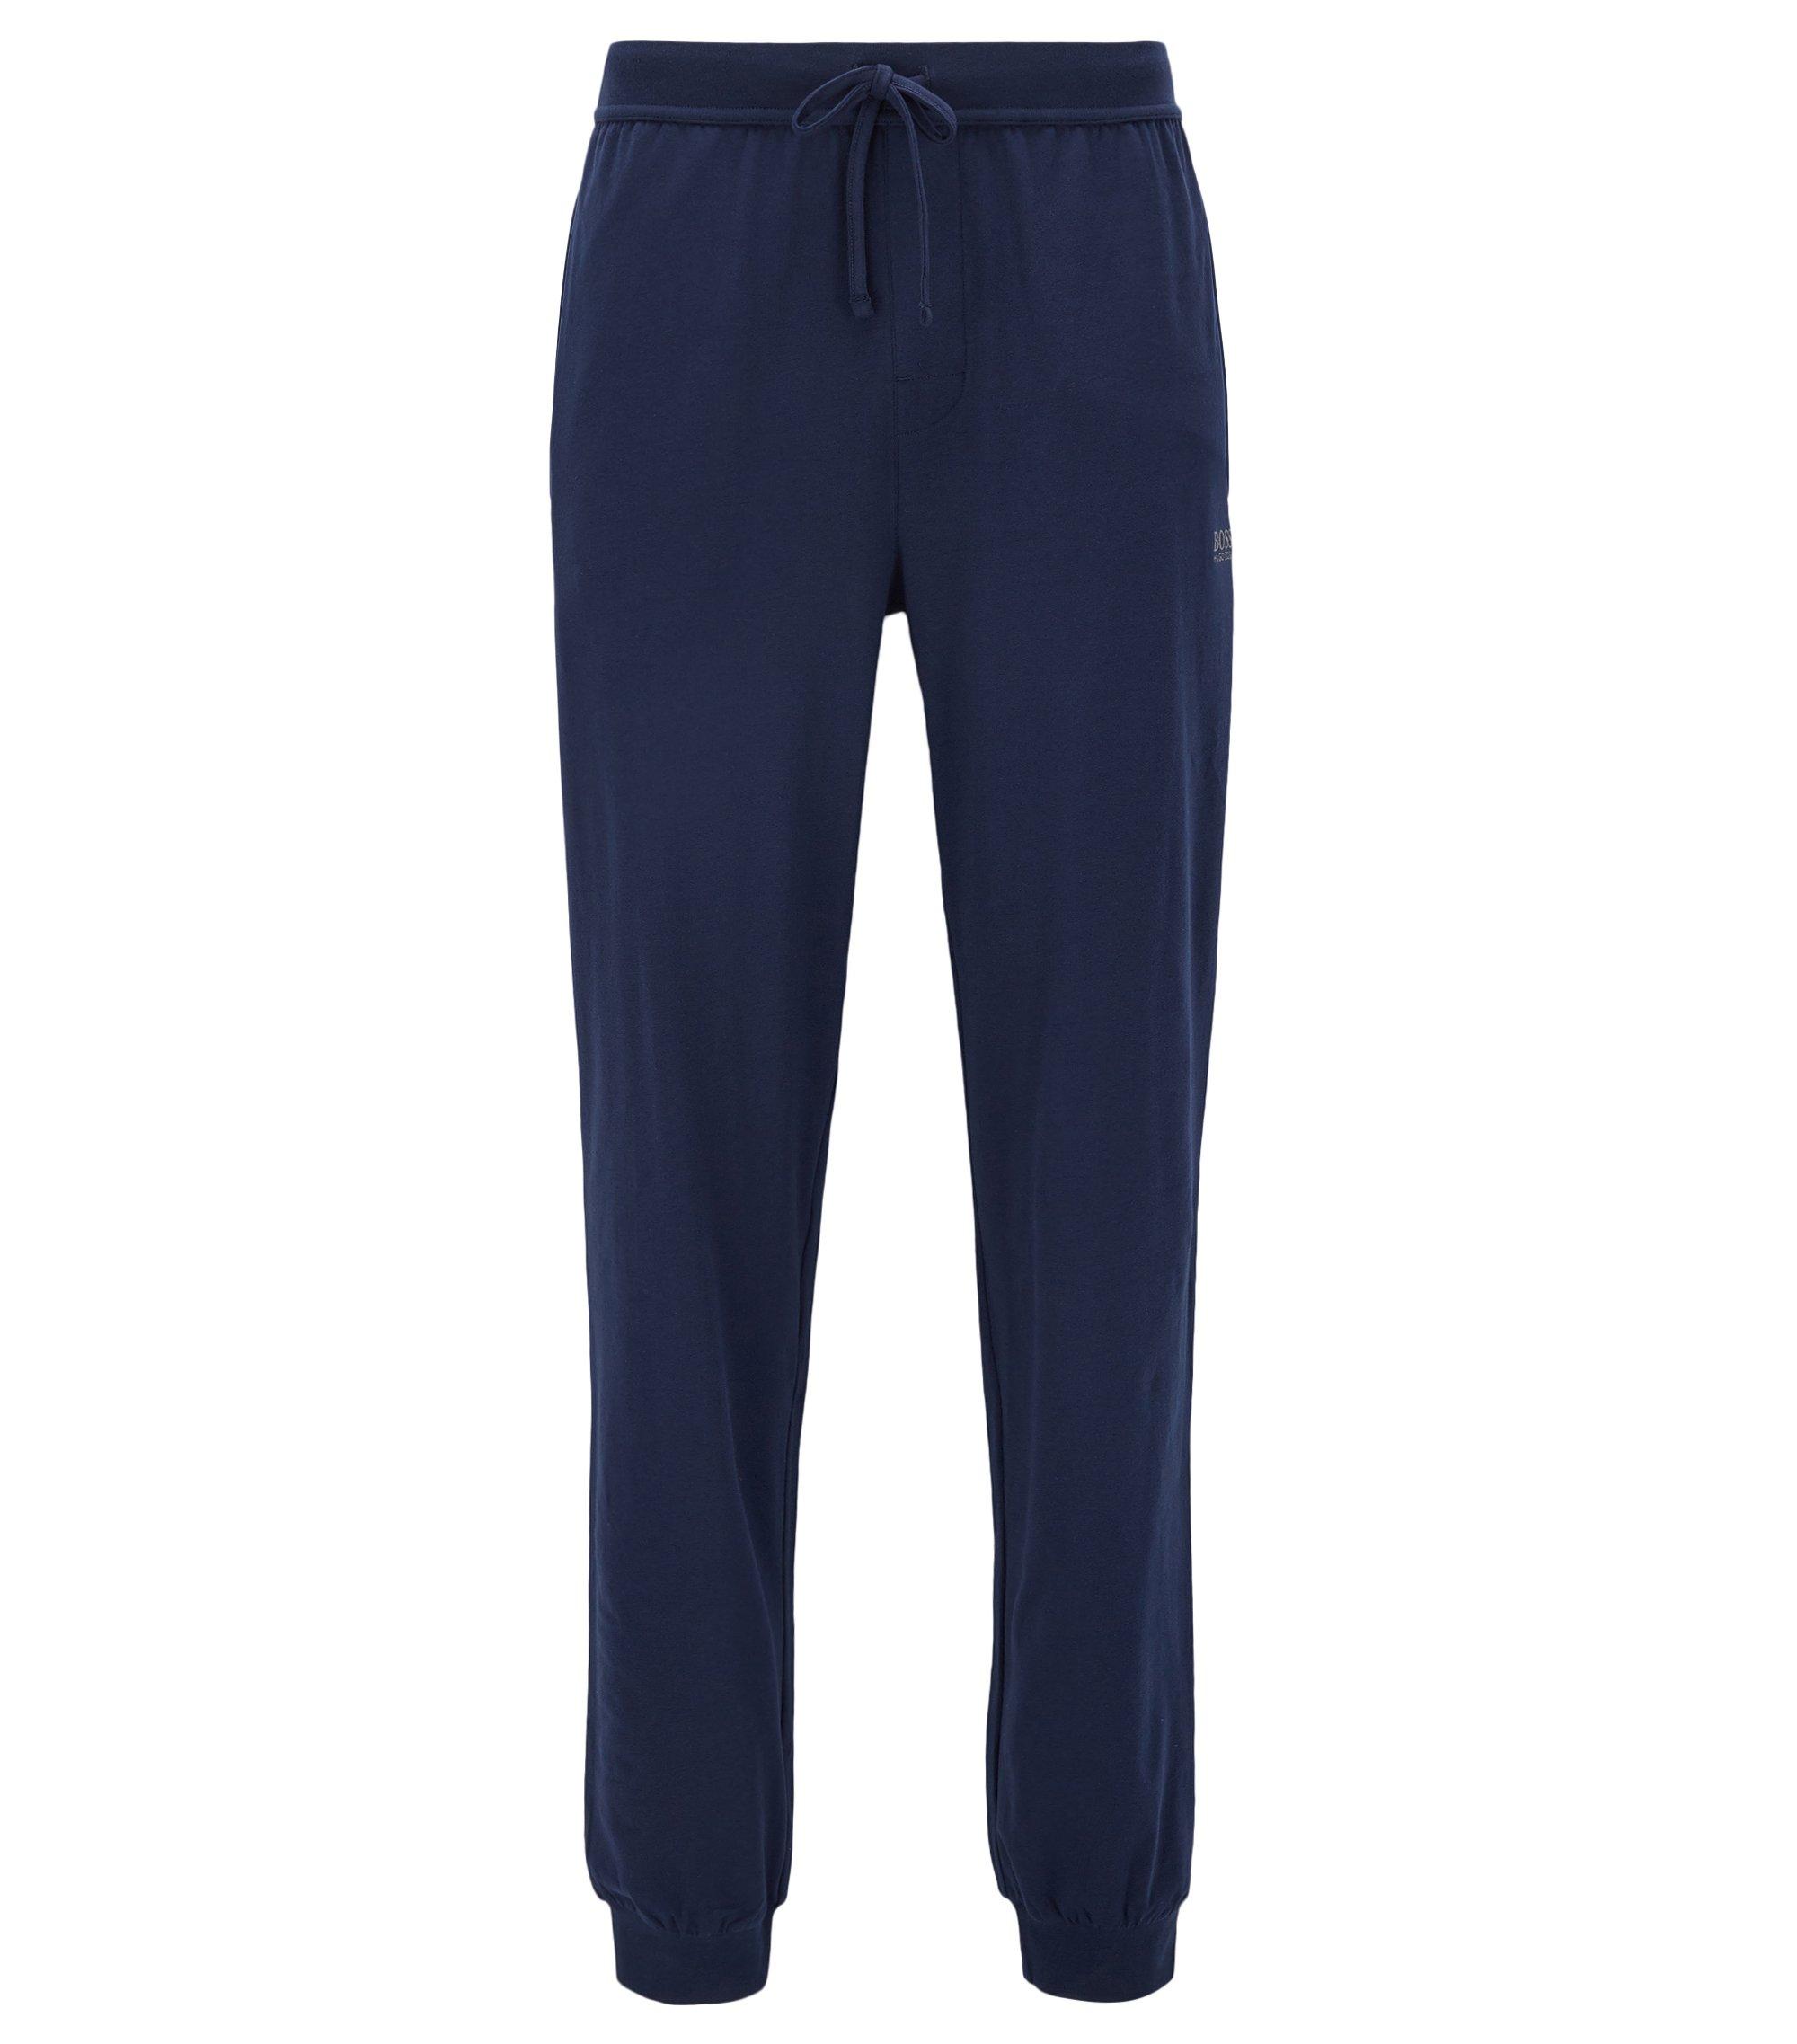 Pantaloni per il tempo libero in jersey singolo con cordoncini, Blu scuro